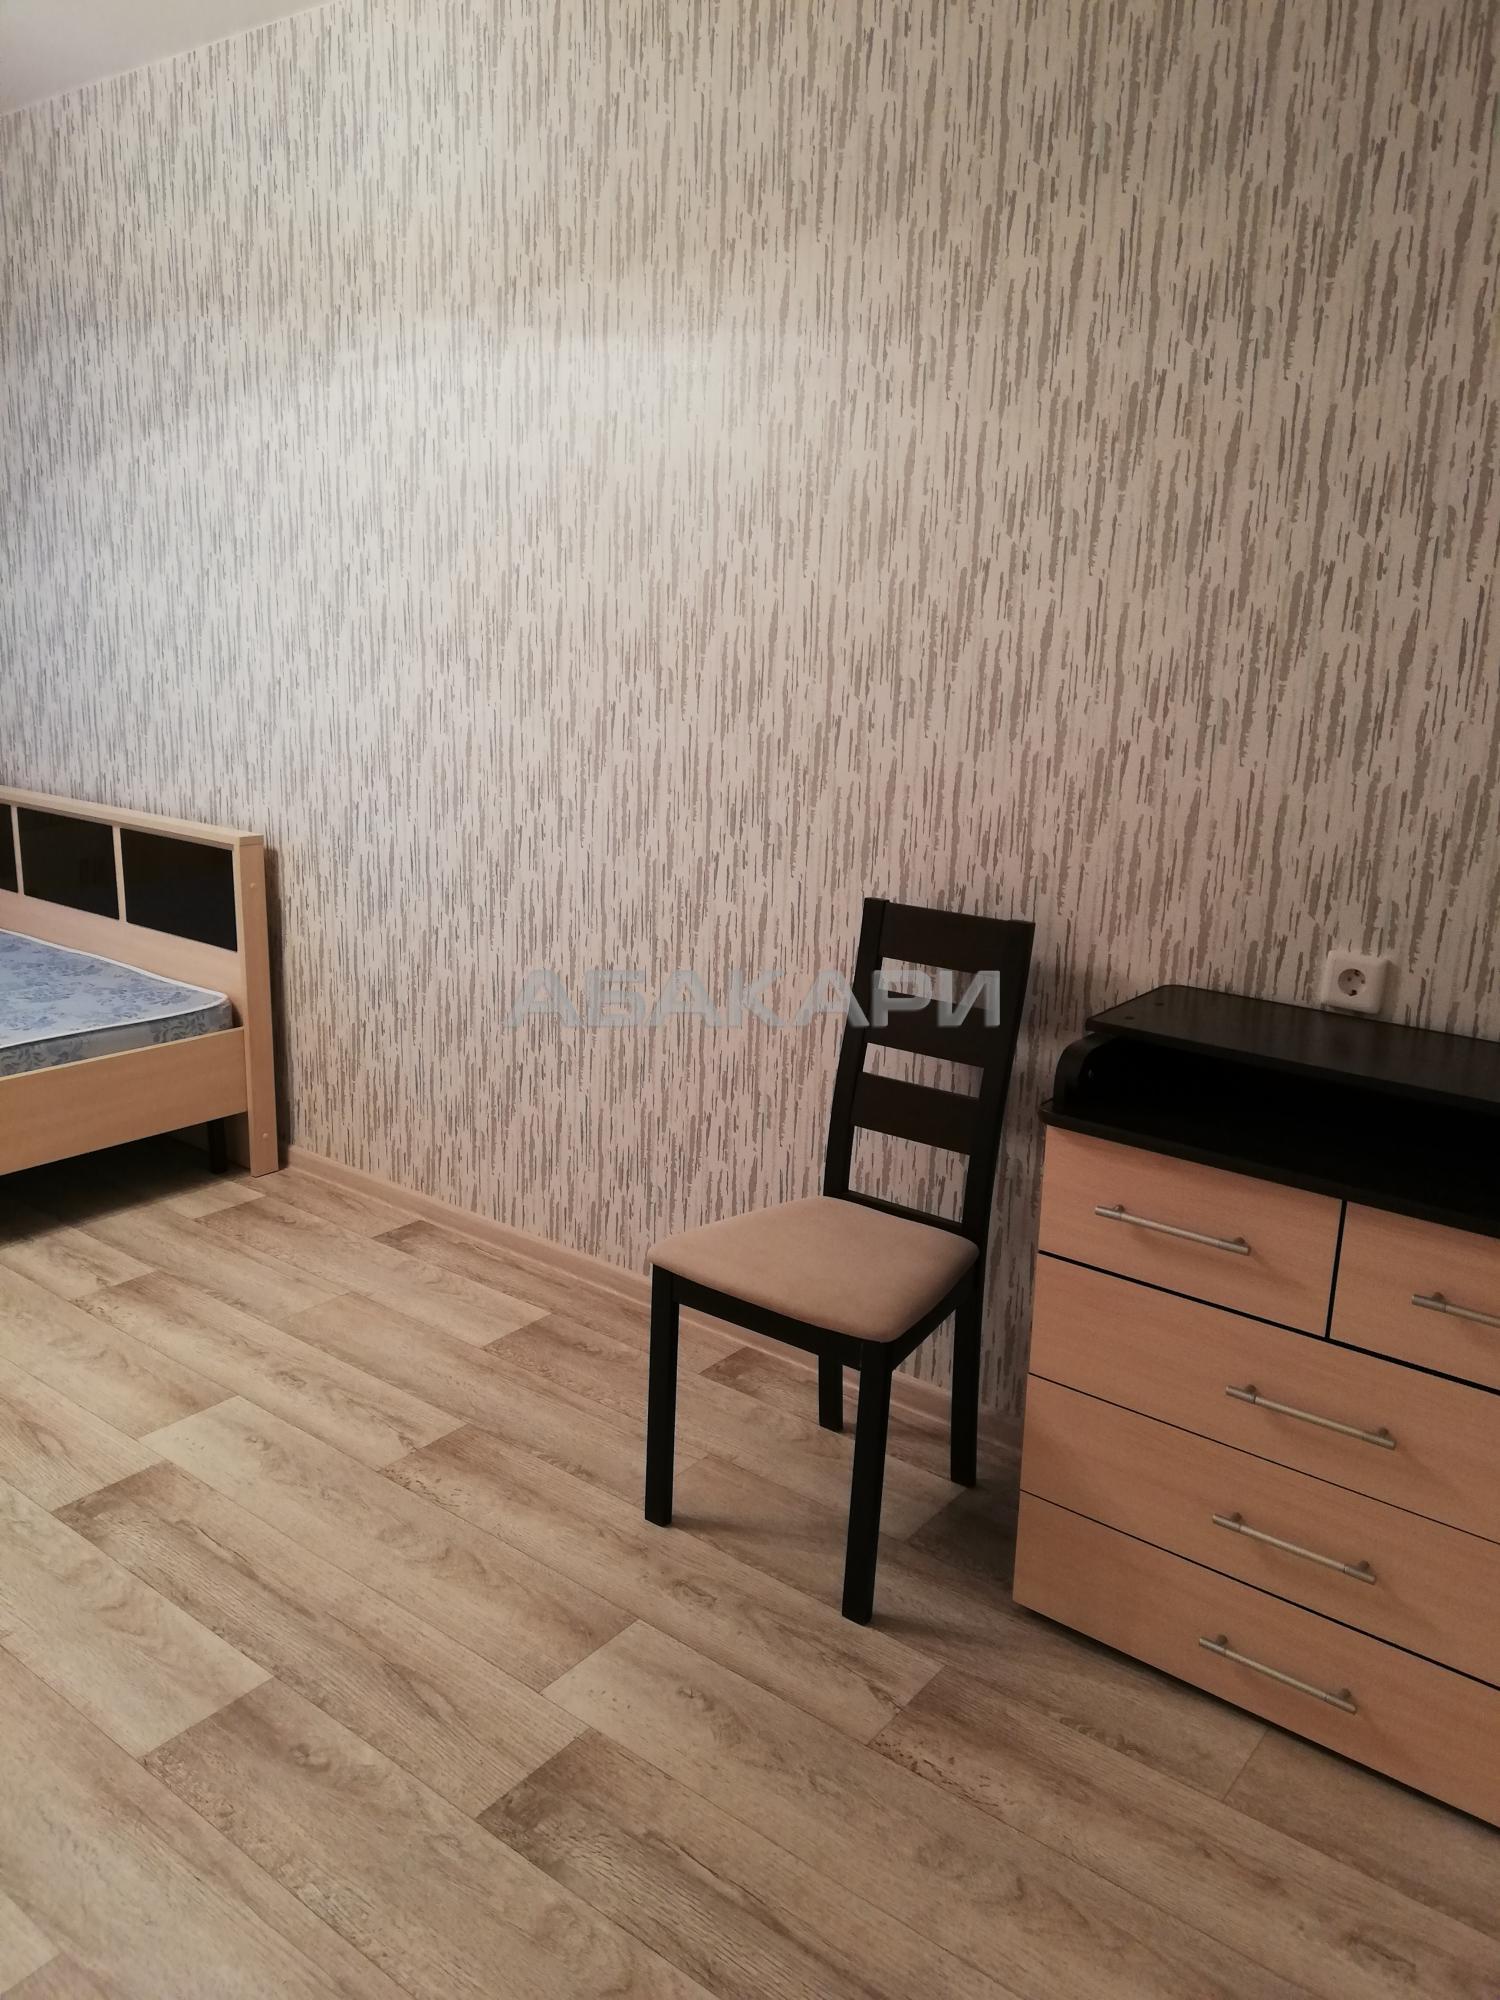 2к квартира улица Калинина, 37 | 19500 | аренда в Красноярске фото 5